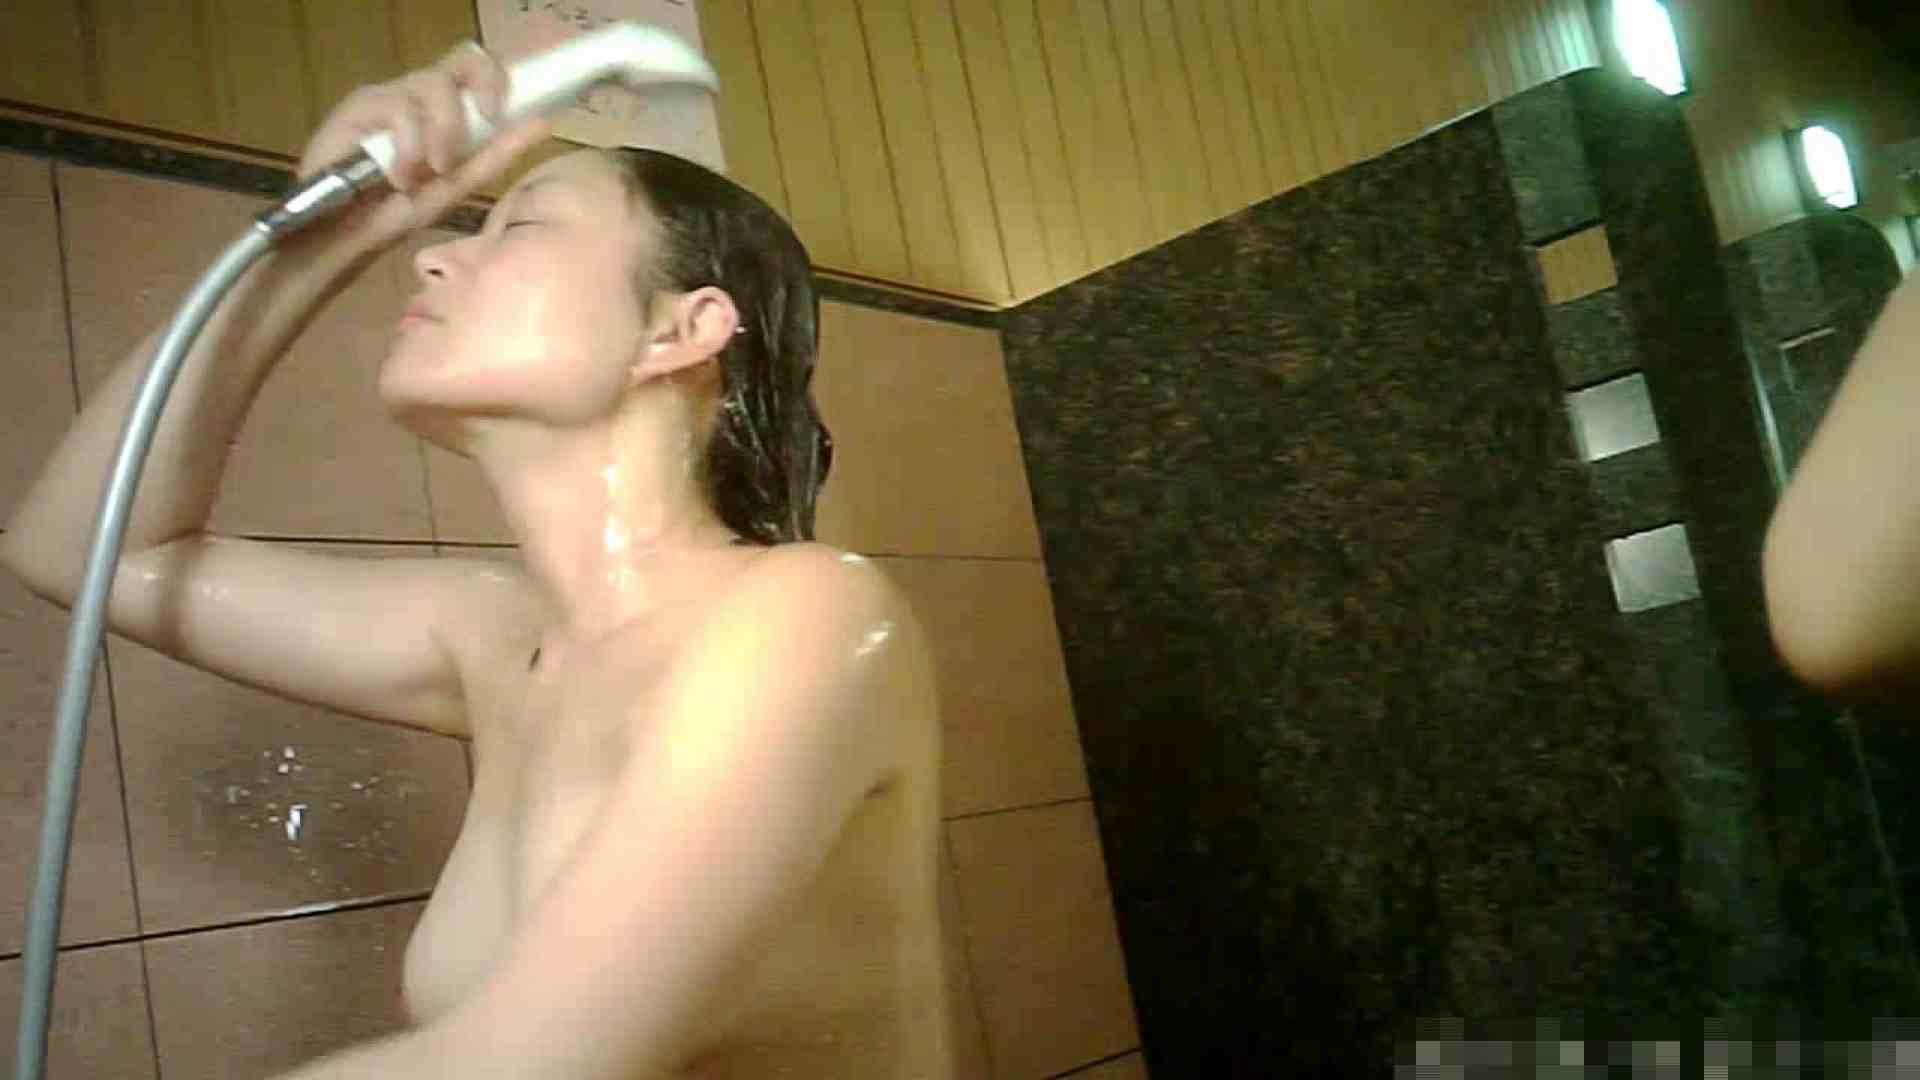 手を染めてしまった女性盗撮師の女風呂潜入記 vol.001 OLセックス | 脱衣所  48画像 22